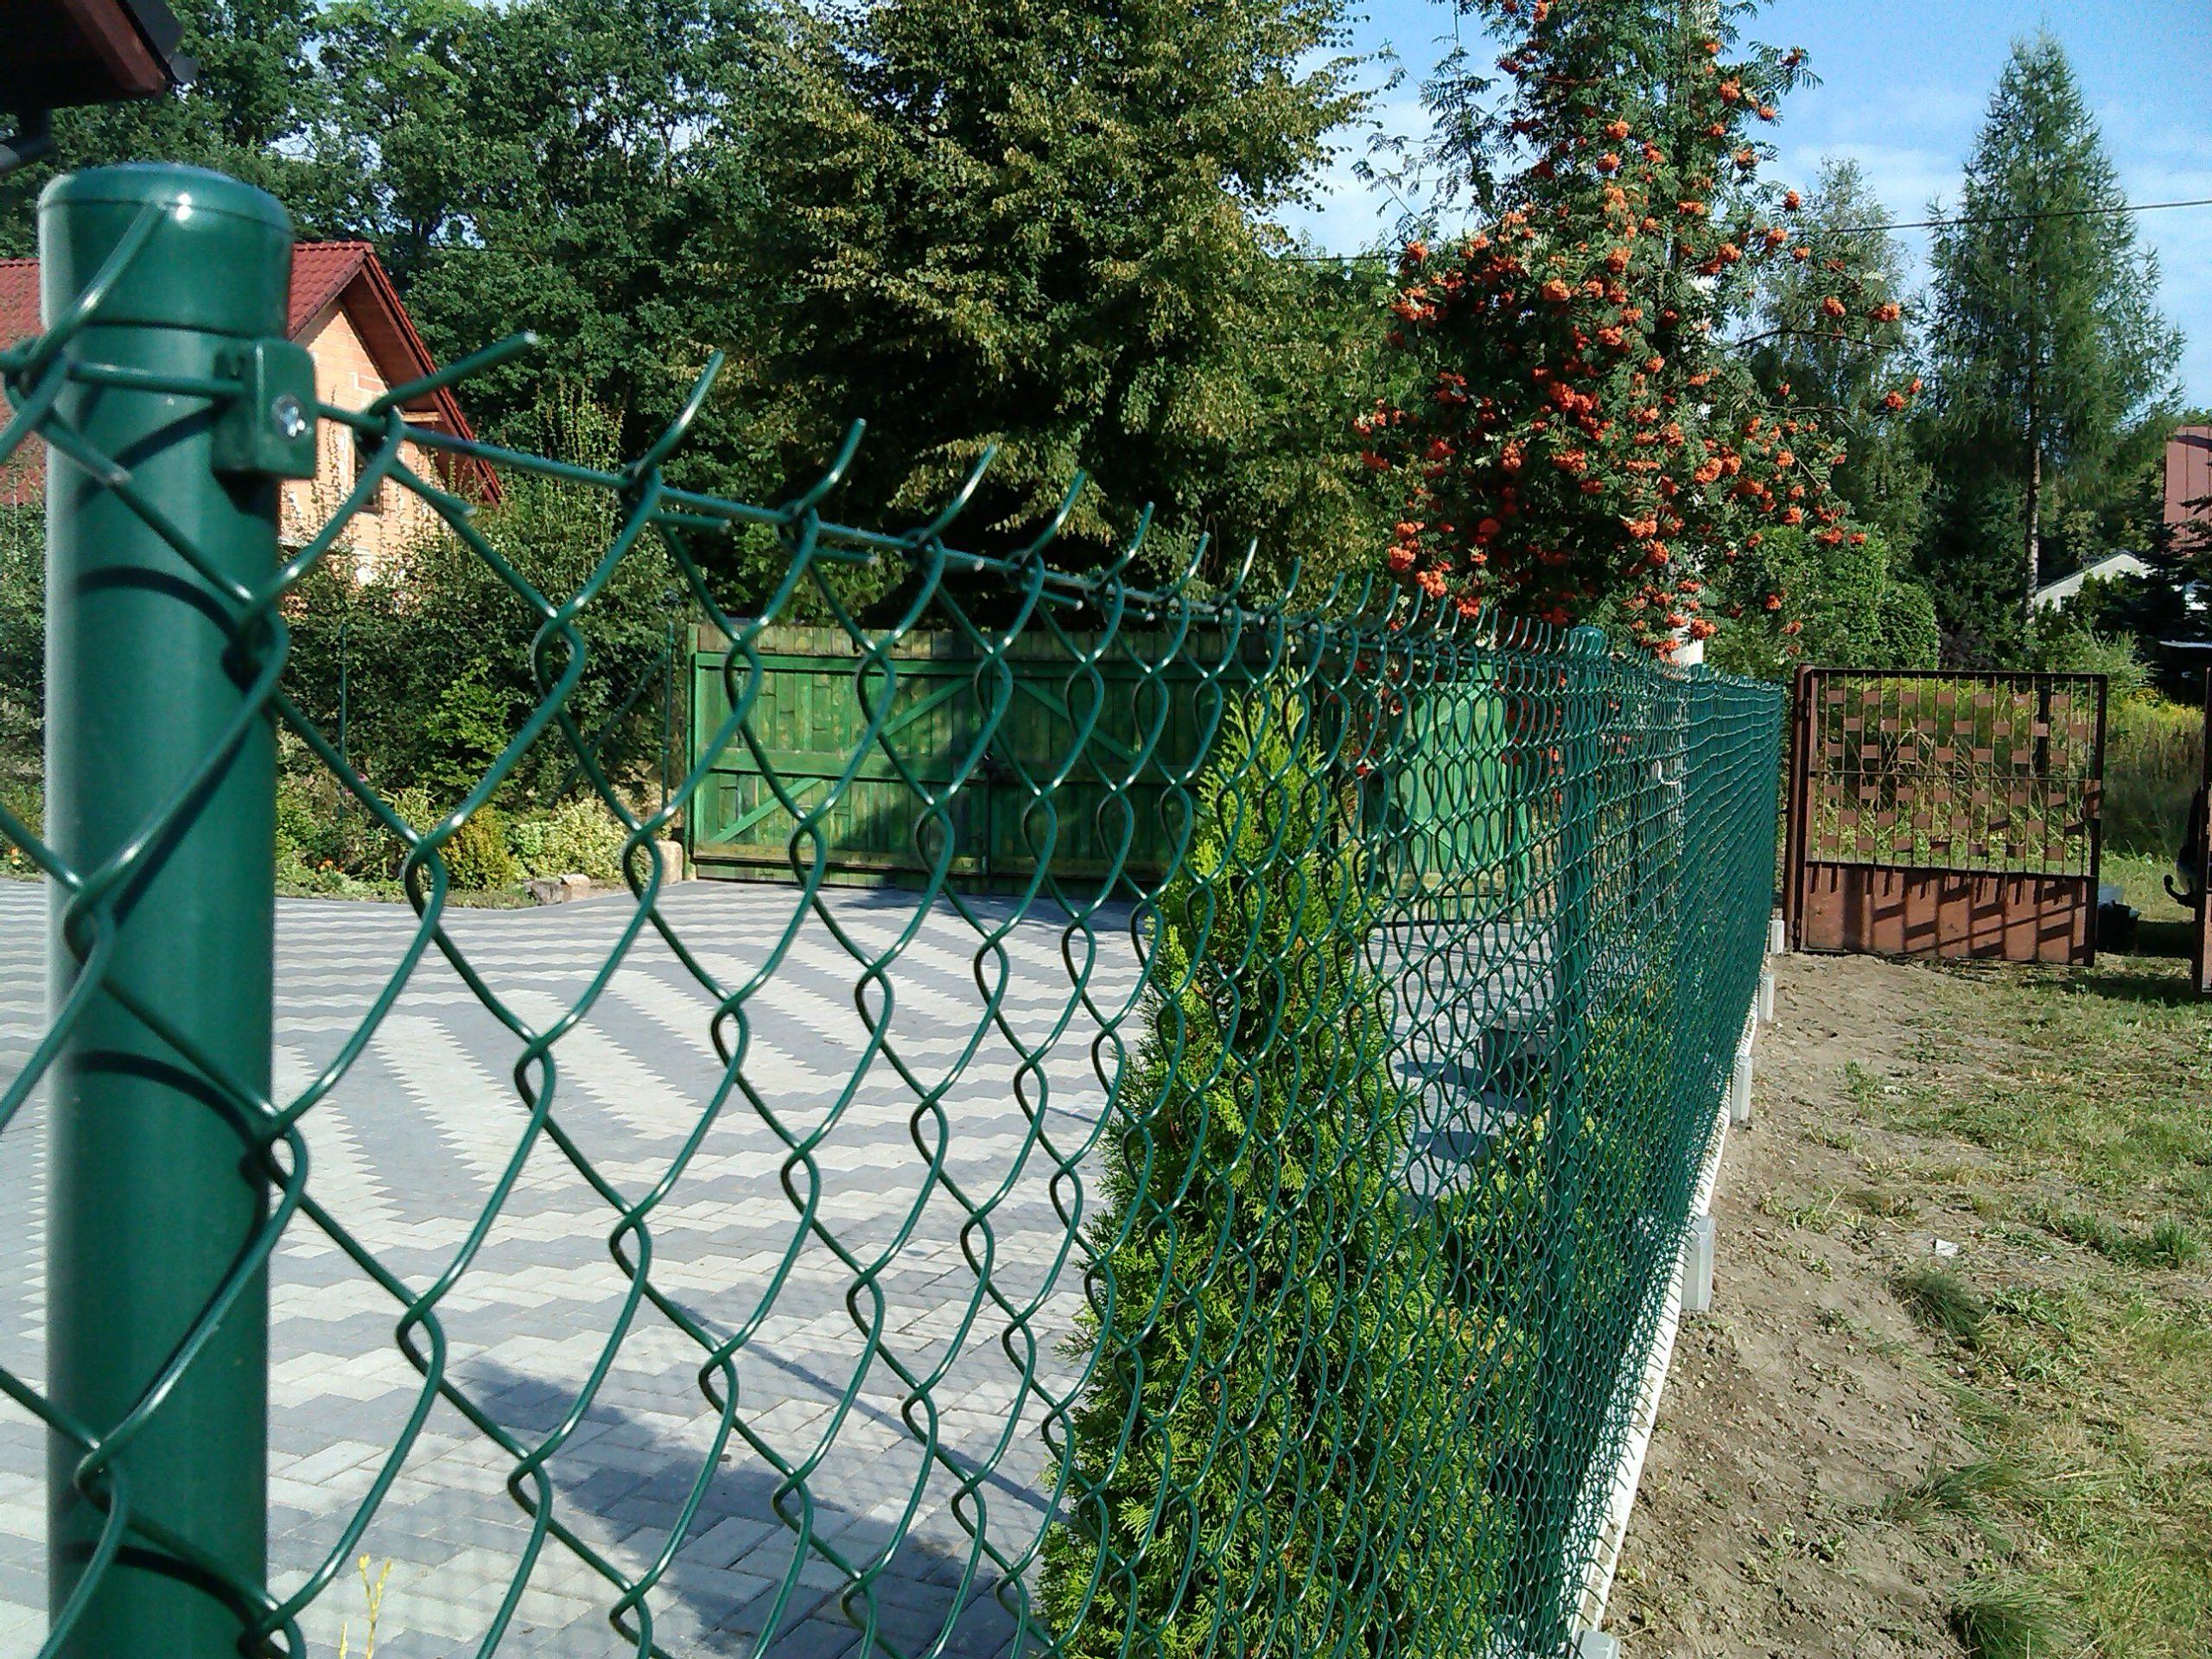 Siatka ogrodzeniowa, ogrodzenia_rybnik, montaż_ogrodzeń, 4gate (1)